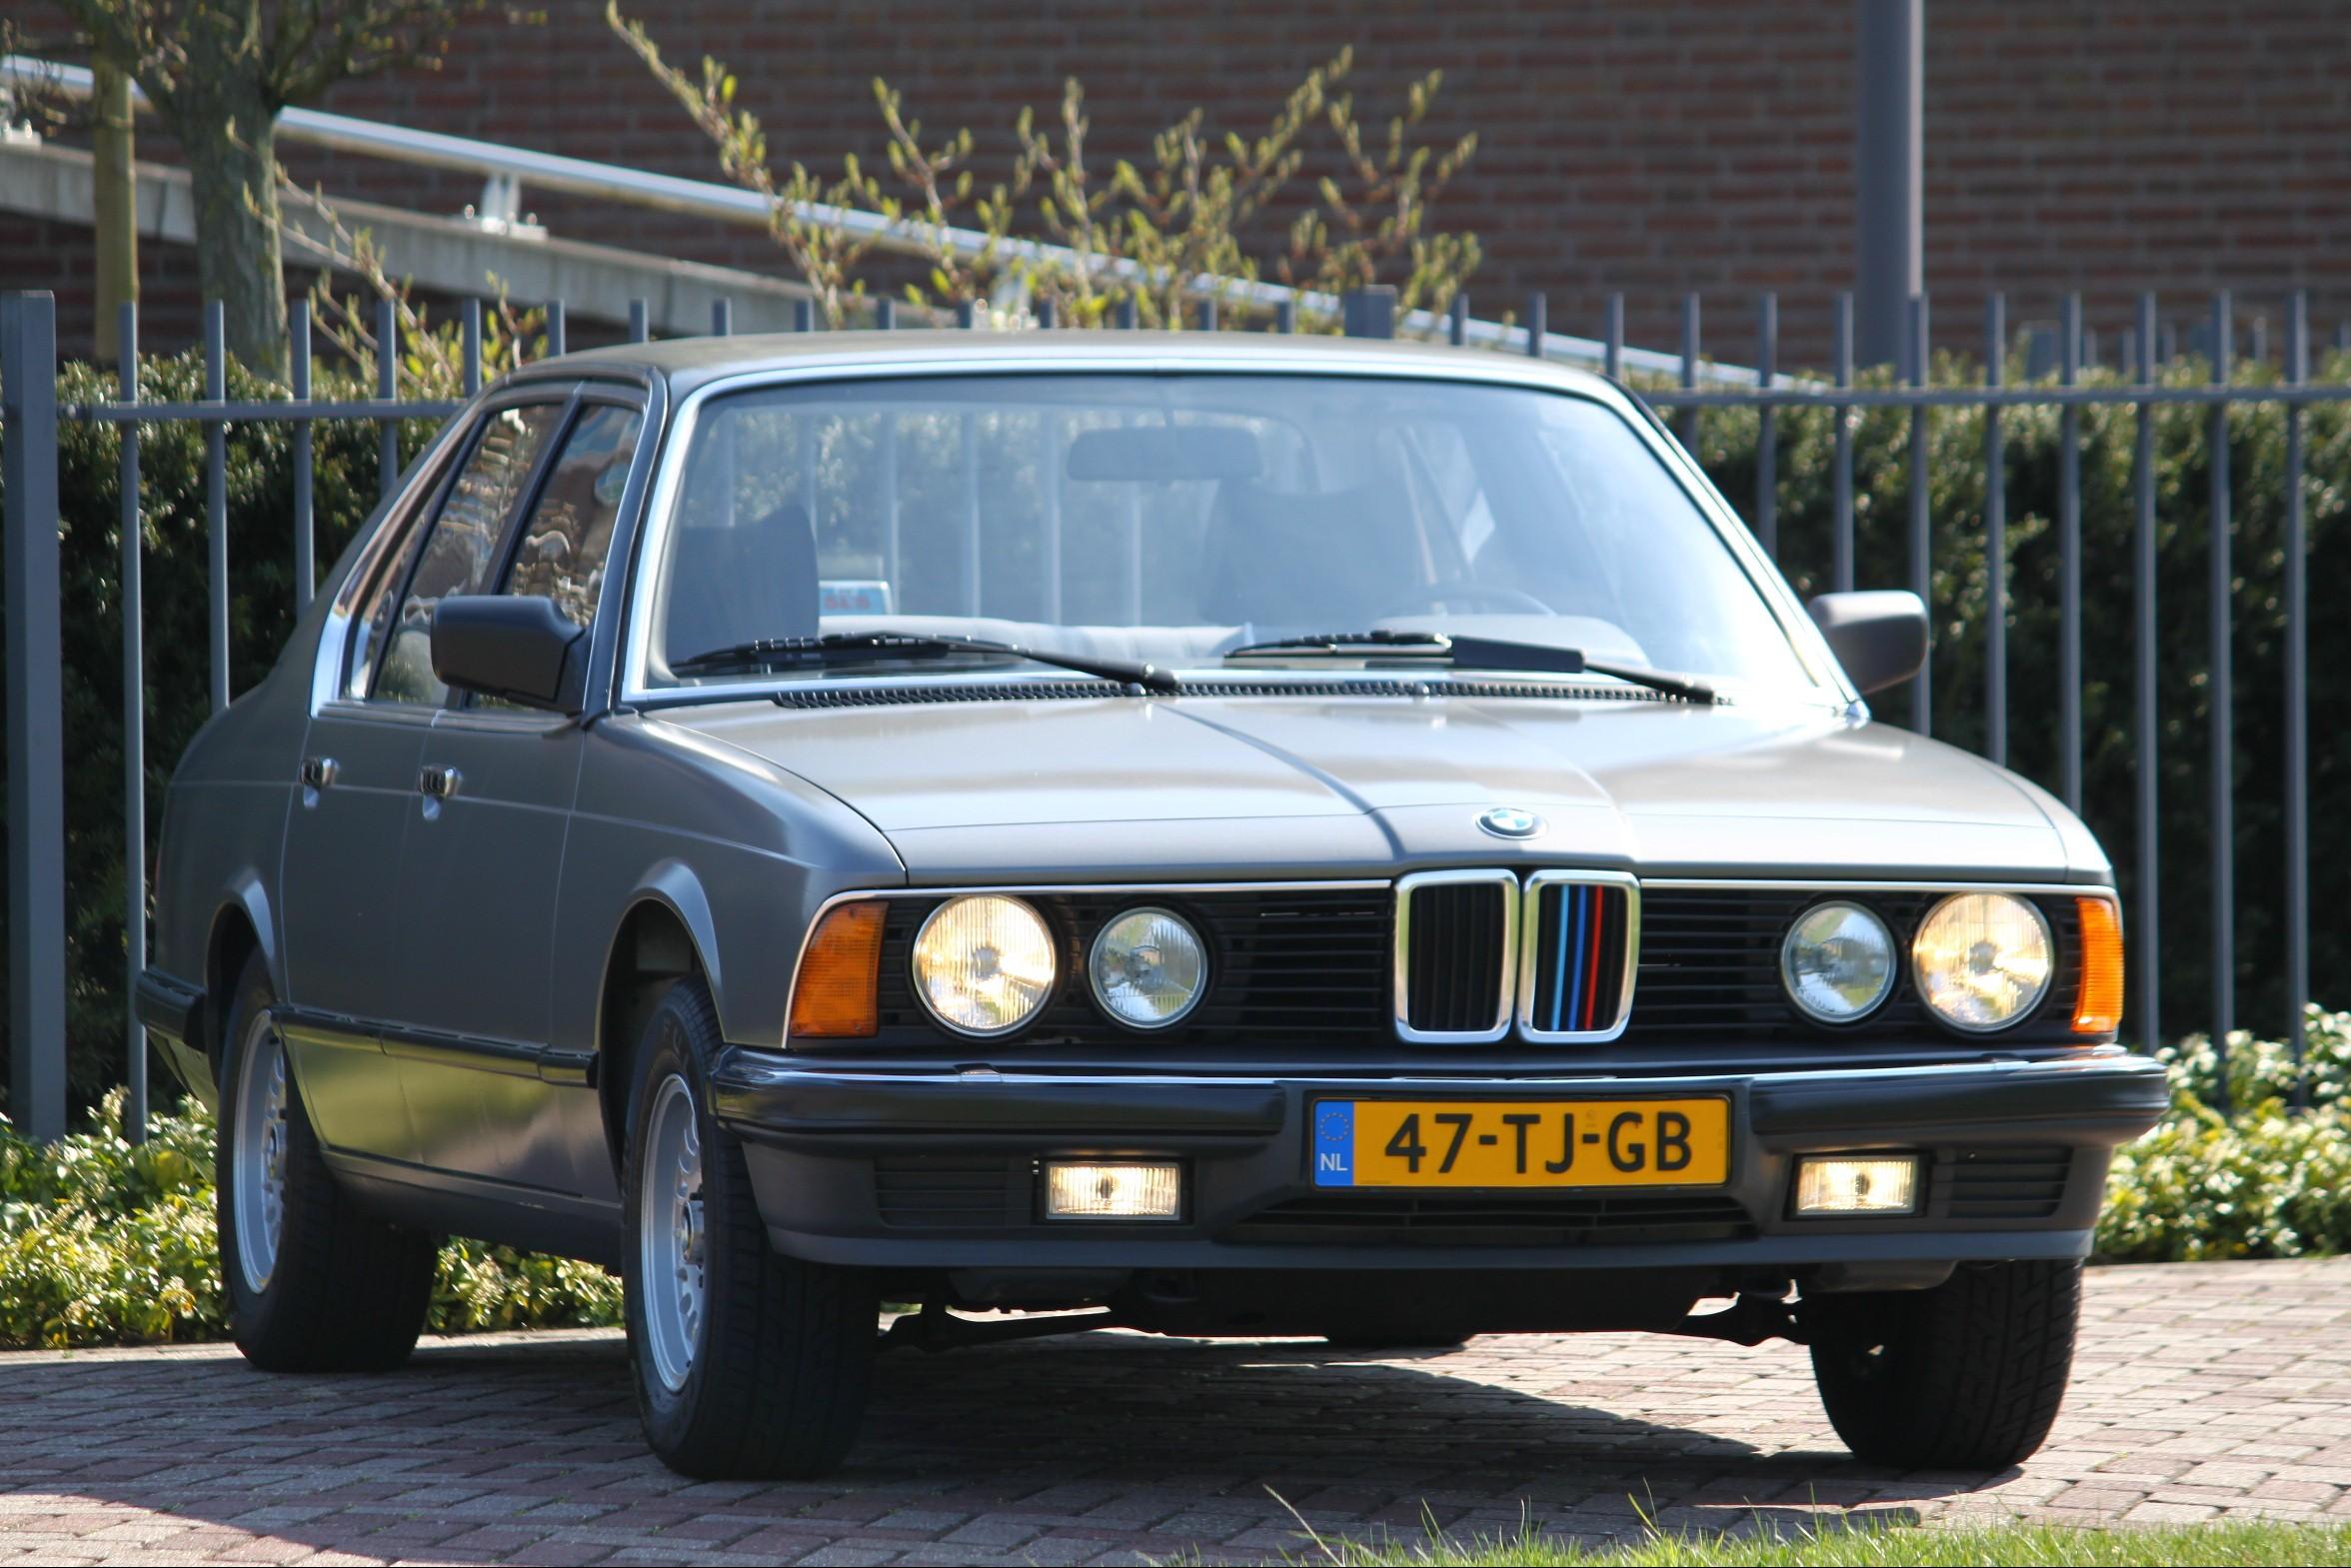 BMW 728i met slechts 43dkm gereden!